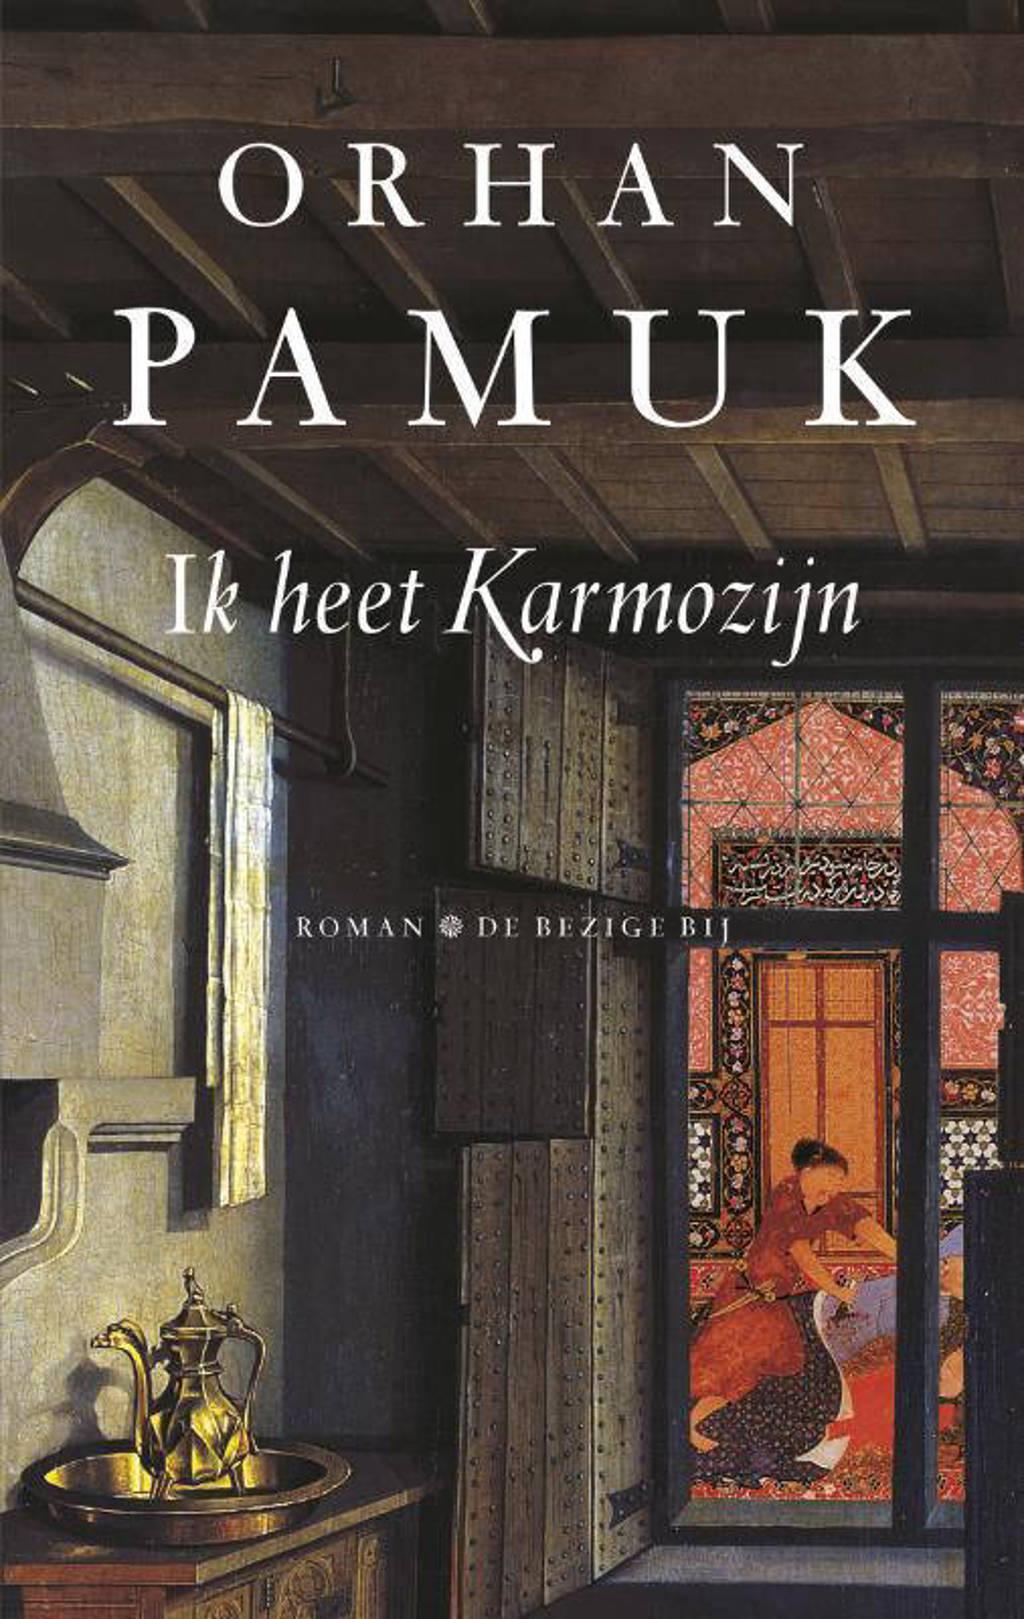 Ik heet Karmozijn - Orhan Pamuk